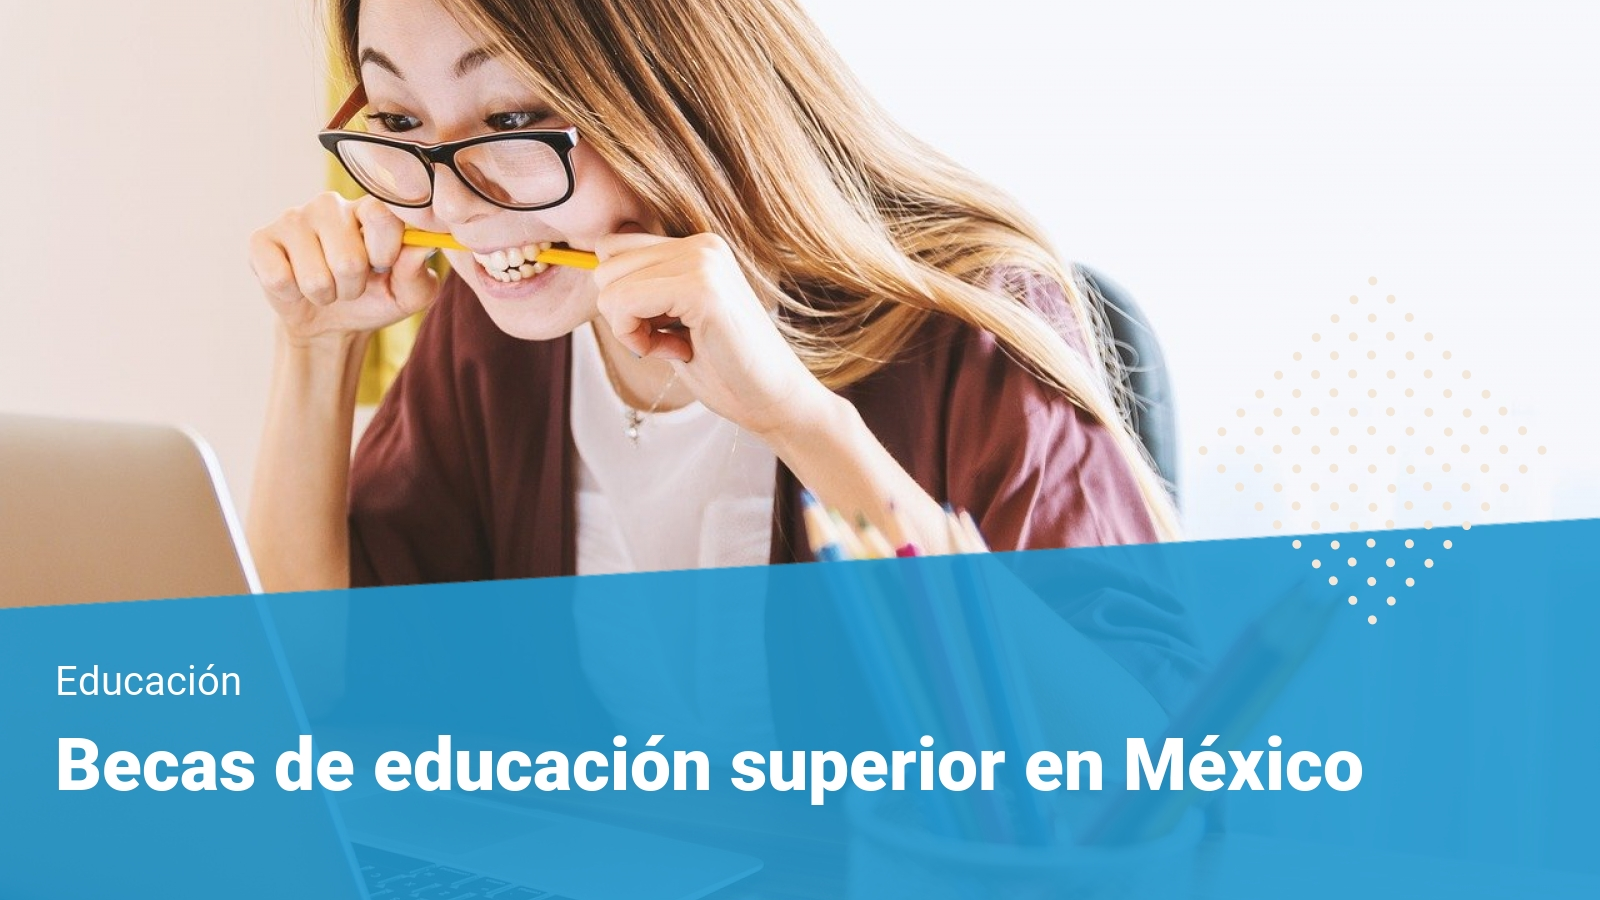 becas educación México